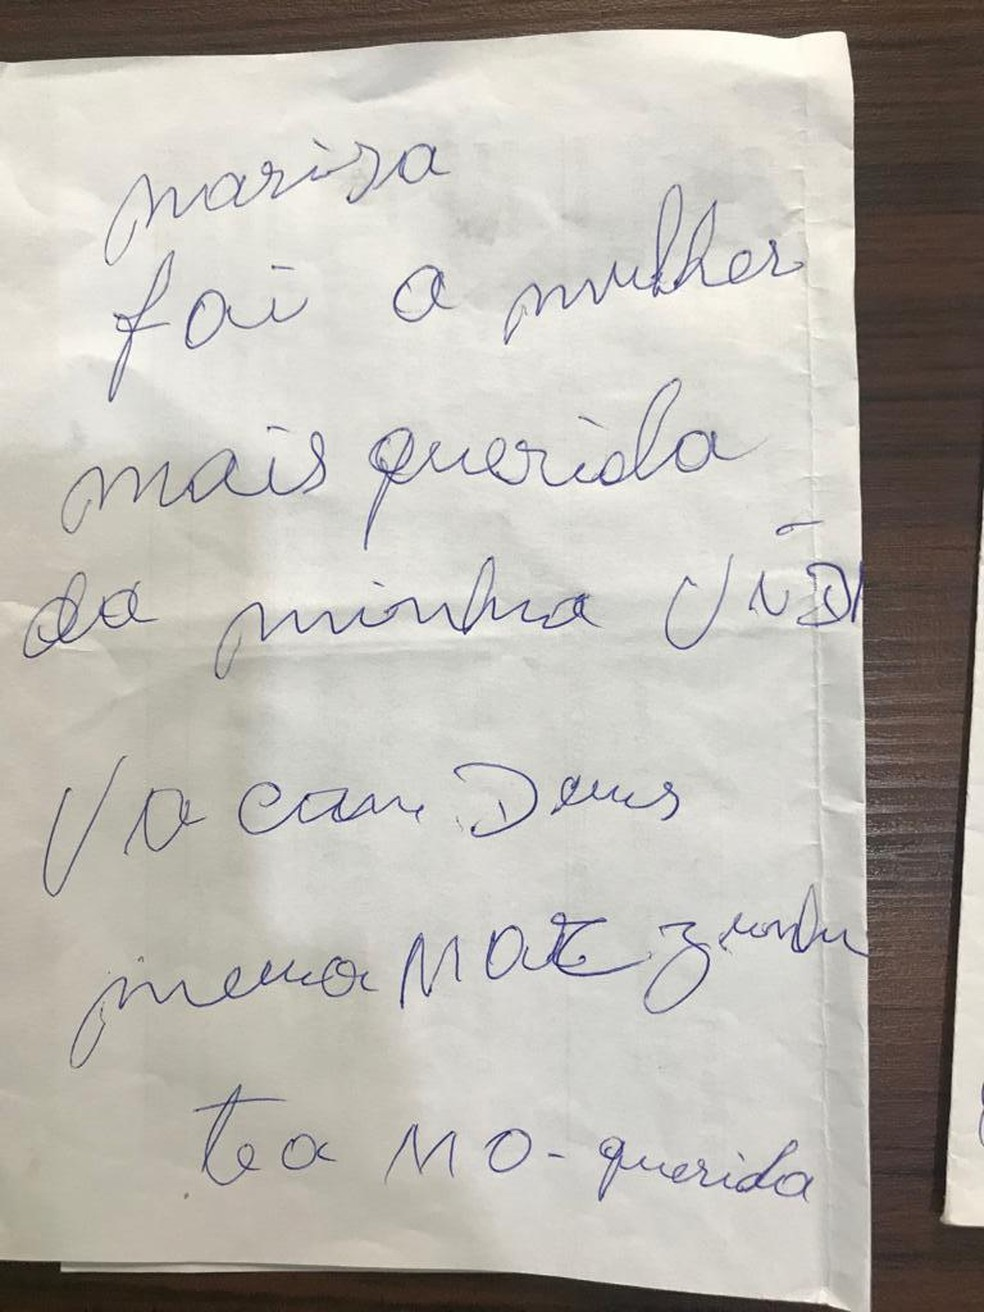 Suspeito de matar mulher em Piraquara e deixar bilhete tem 70 anos e é considerado foragido pela polícia  Foto: Reprodução/ Polícia Civil